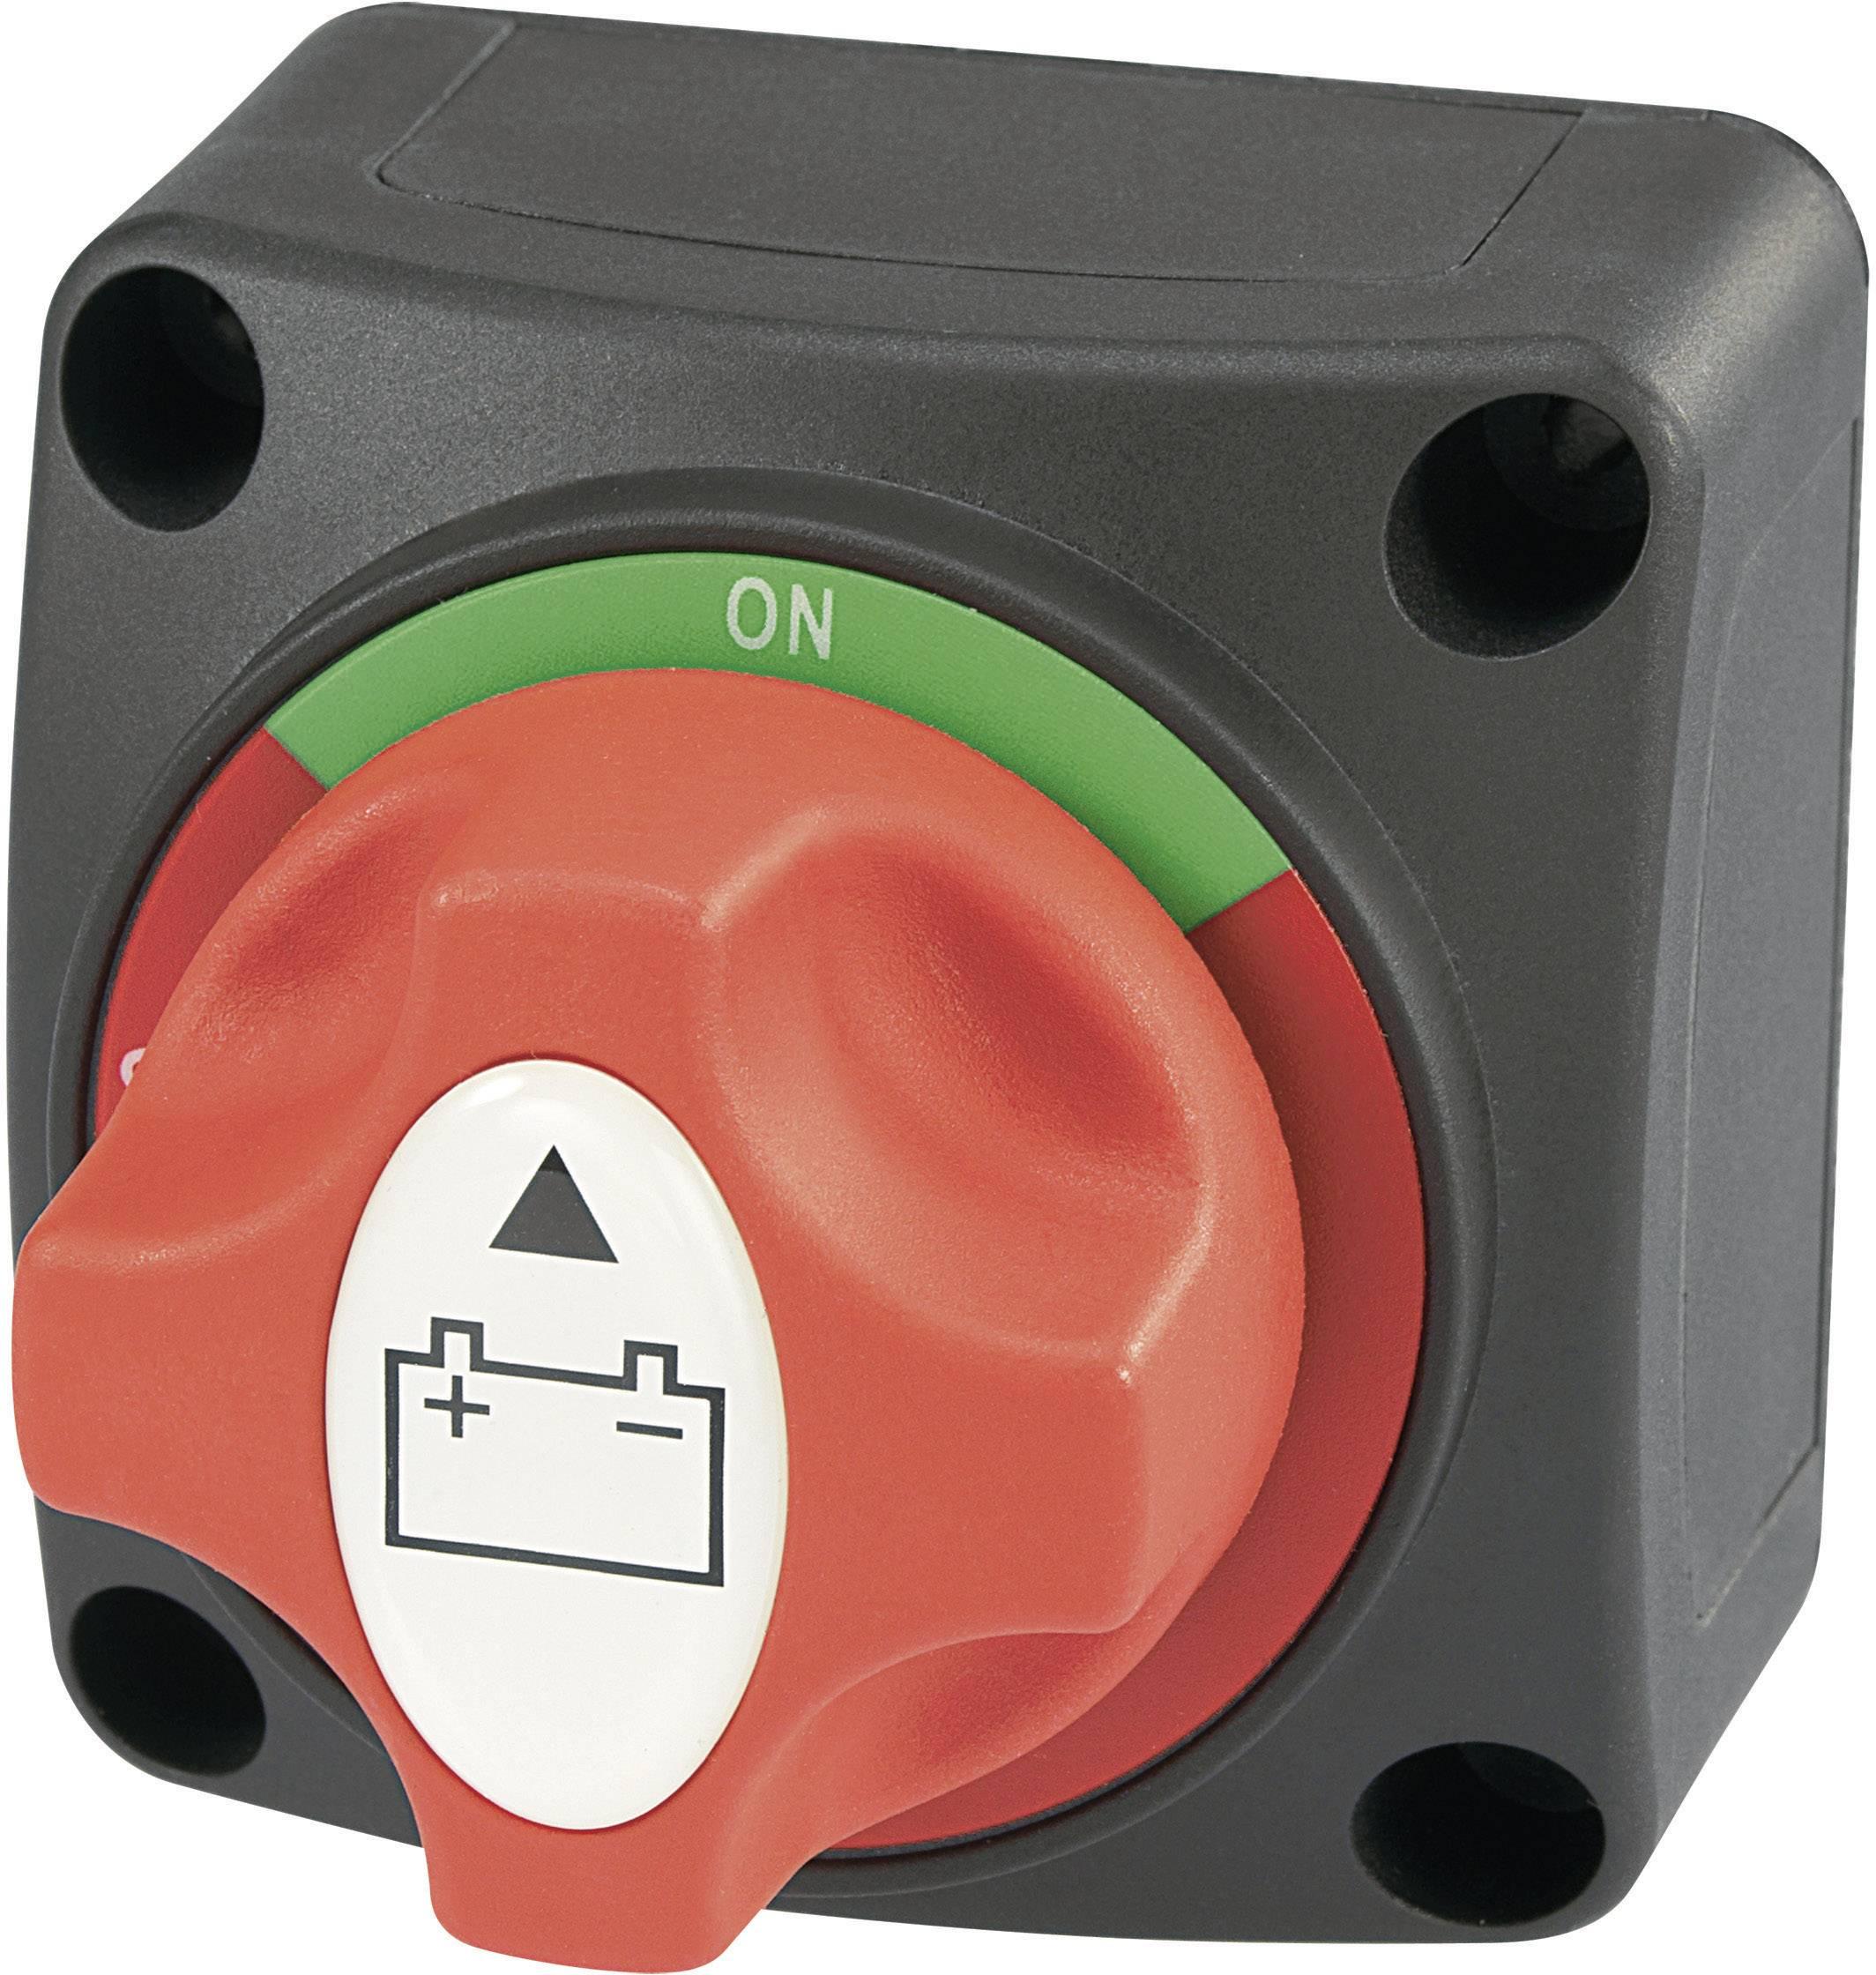 Bateriový spínač do auta SCI A23-2, 12 V/DC, 50 V/DC, 200 A, s aretací, IP54, 1 ks